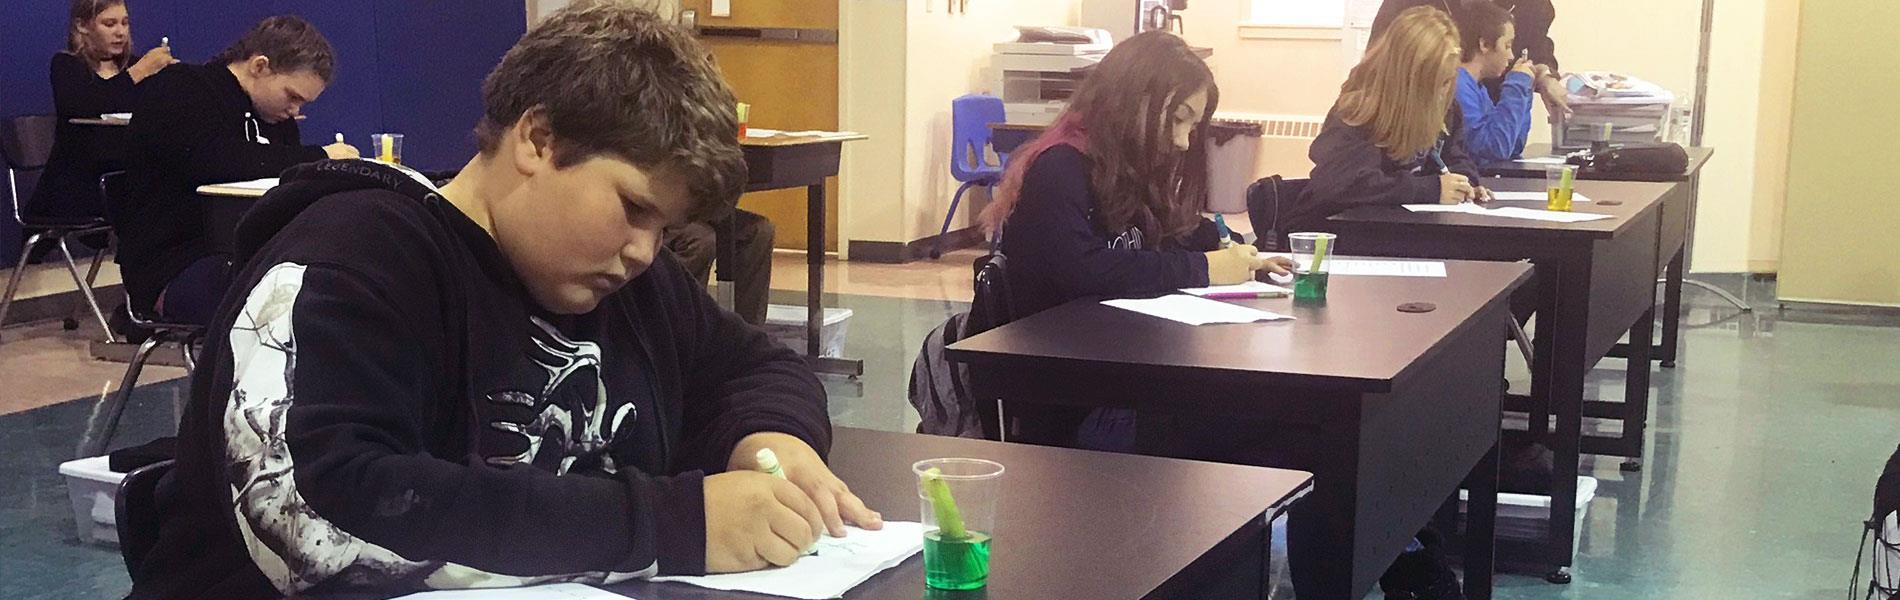 Stewartstown science class